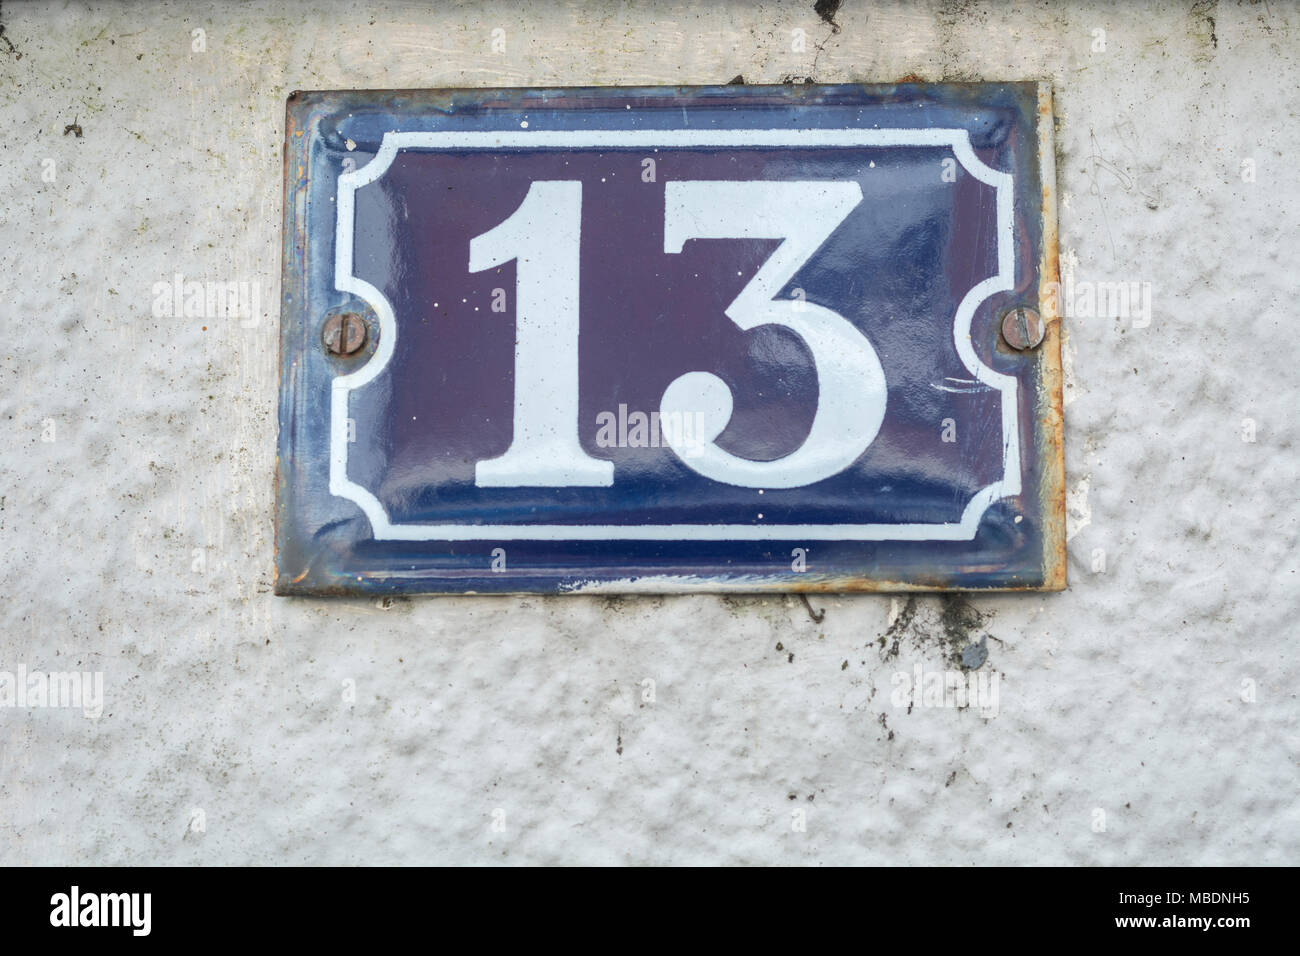 El número de casa de esmalte - Nº 13 (mala suerte para algunos). Imagen De Stock